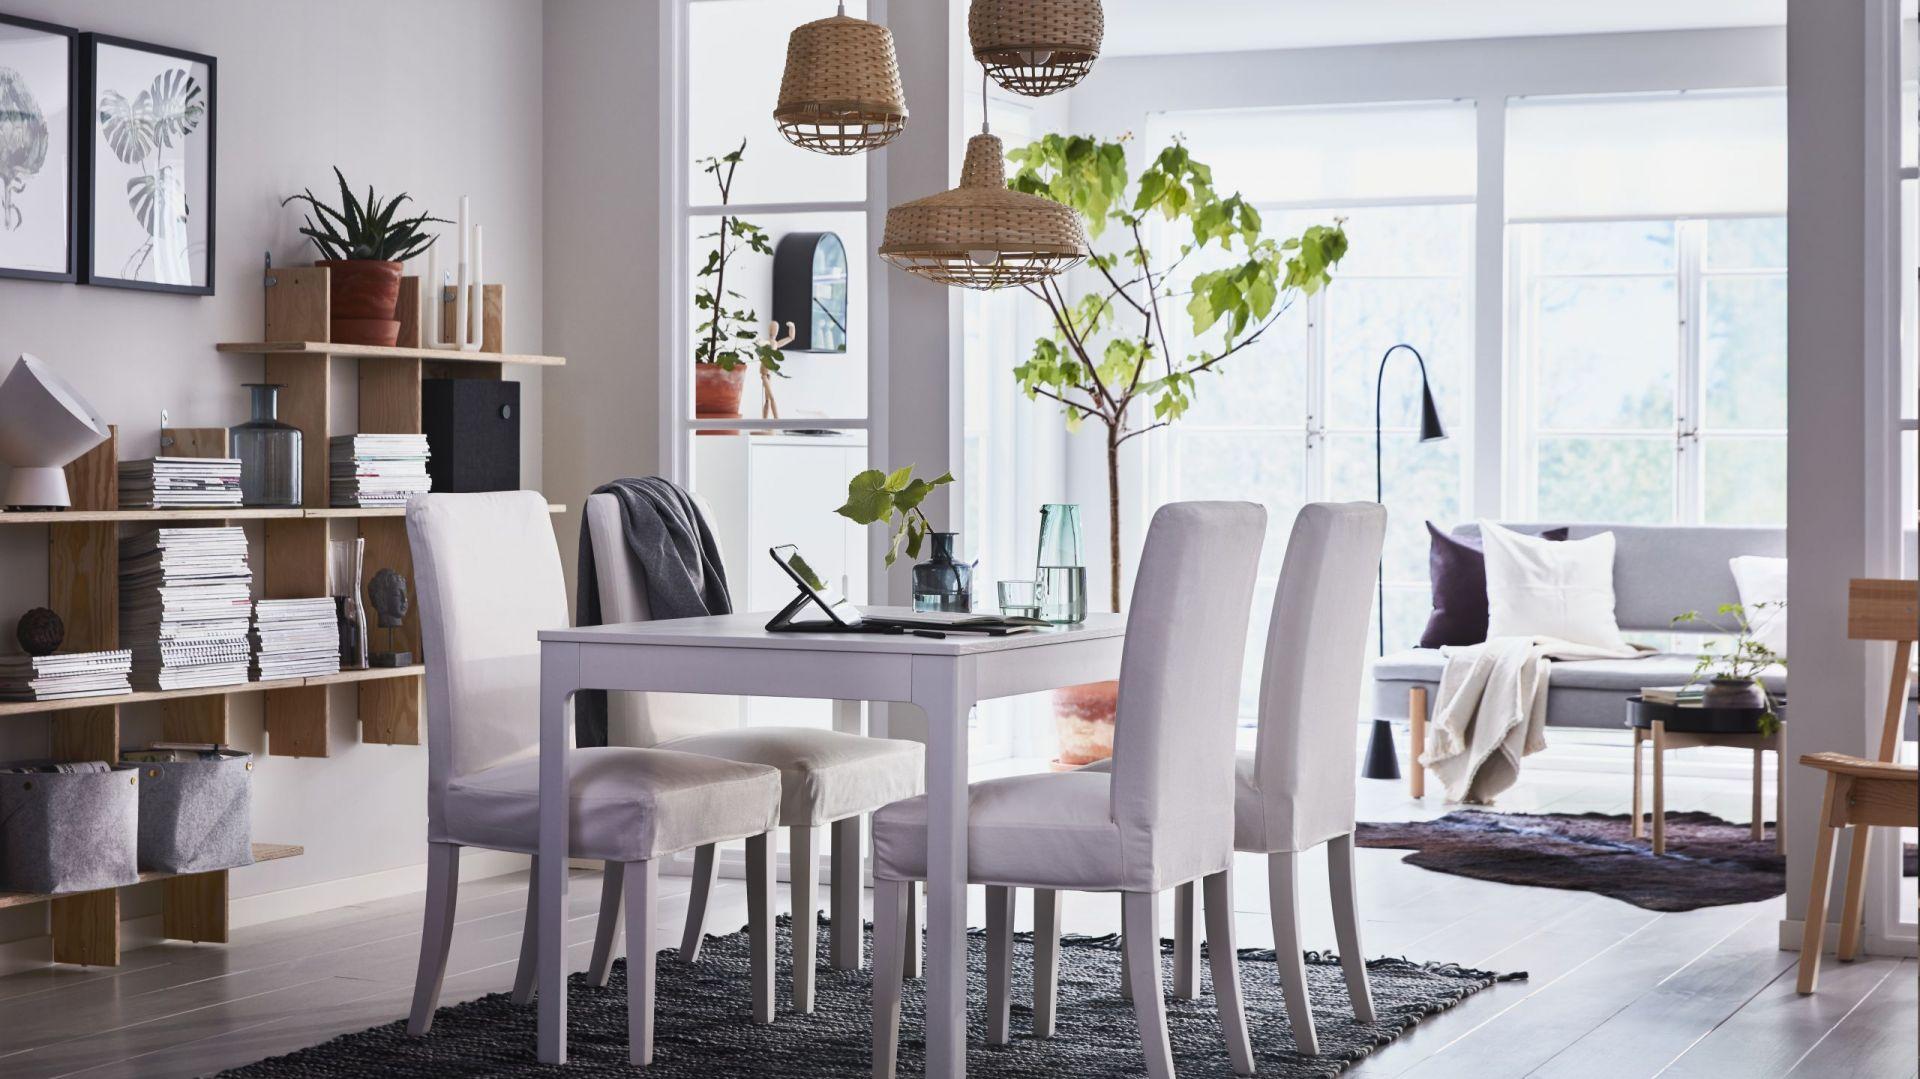 Stół rozkładany Bjurtsa można dopasować do własnych potrzeb, dzięki dwóm dodatkowym blatom. Fot. IKEA